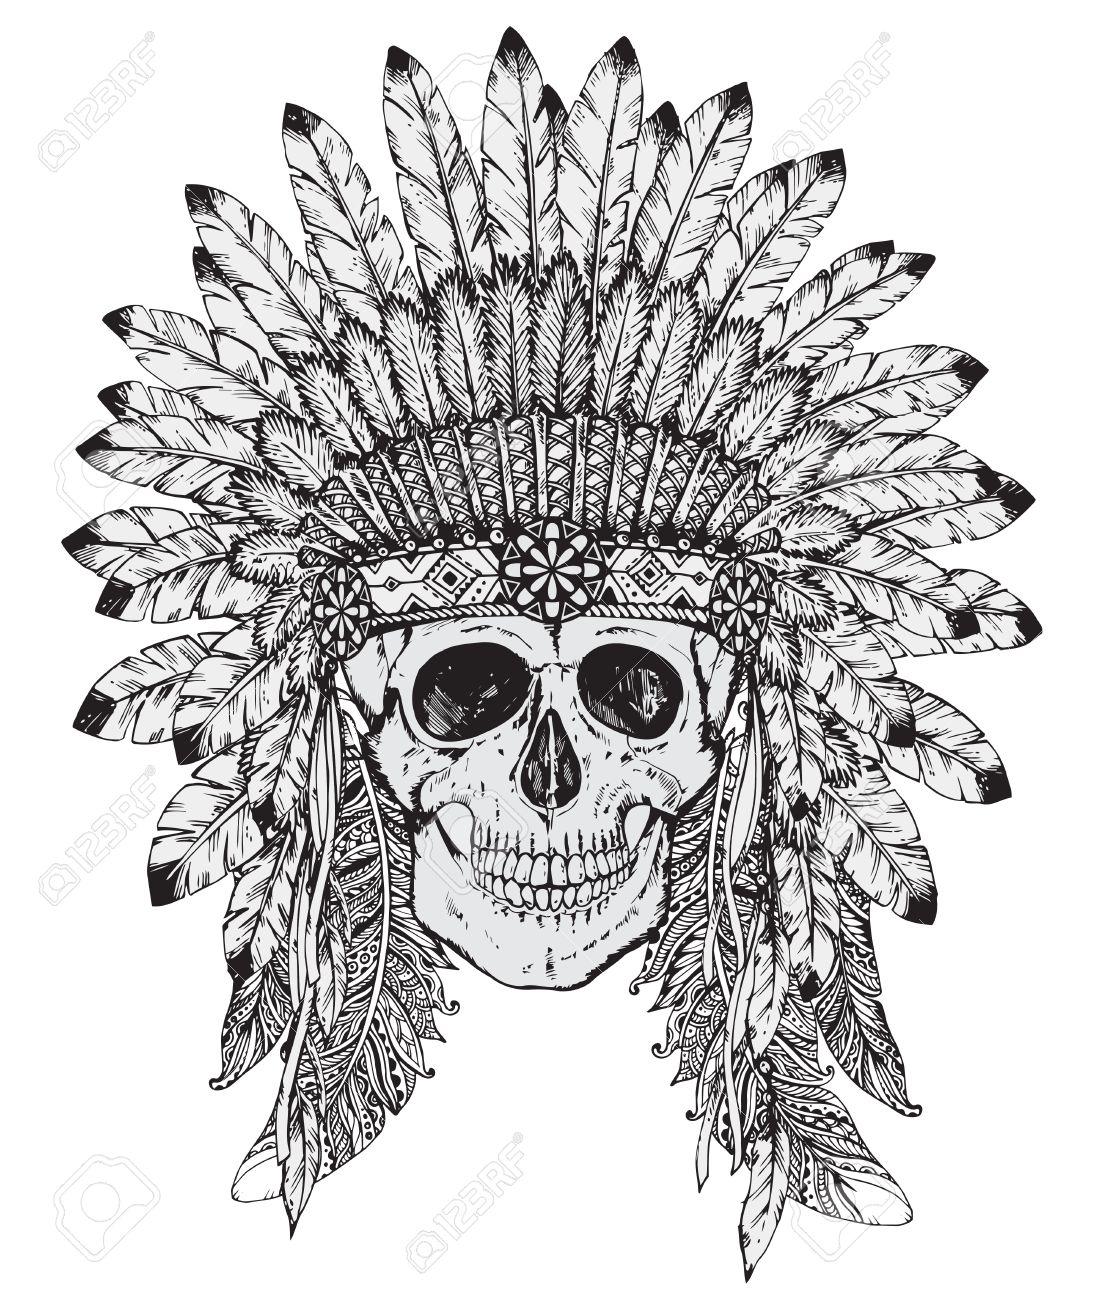 Foto de archivo - Mano ilustración vectorial dibujado de Native tocado de  indio americano con el cráneo humano en el estilo de dibujo. 3a3d42b4c52